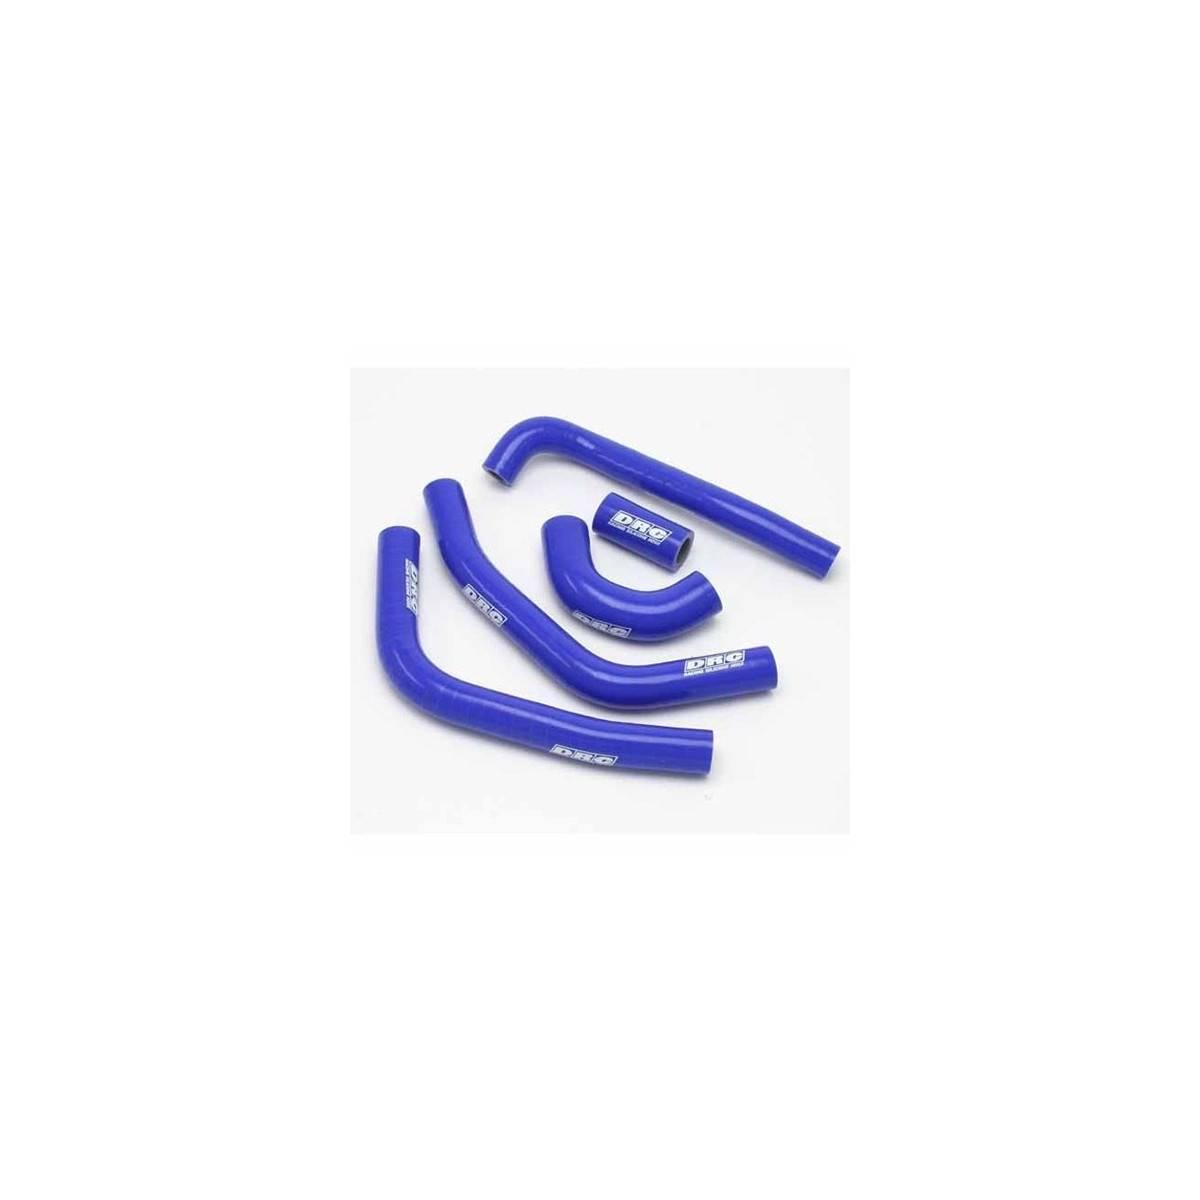 D47.01.982 - Kit Manguitos Radiador Husqvarna Tc125 150´14 Azul